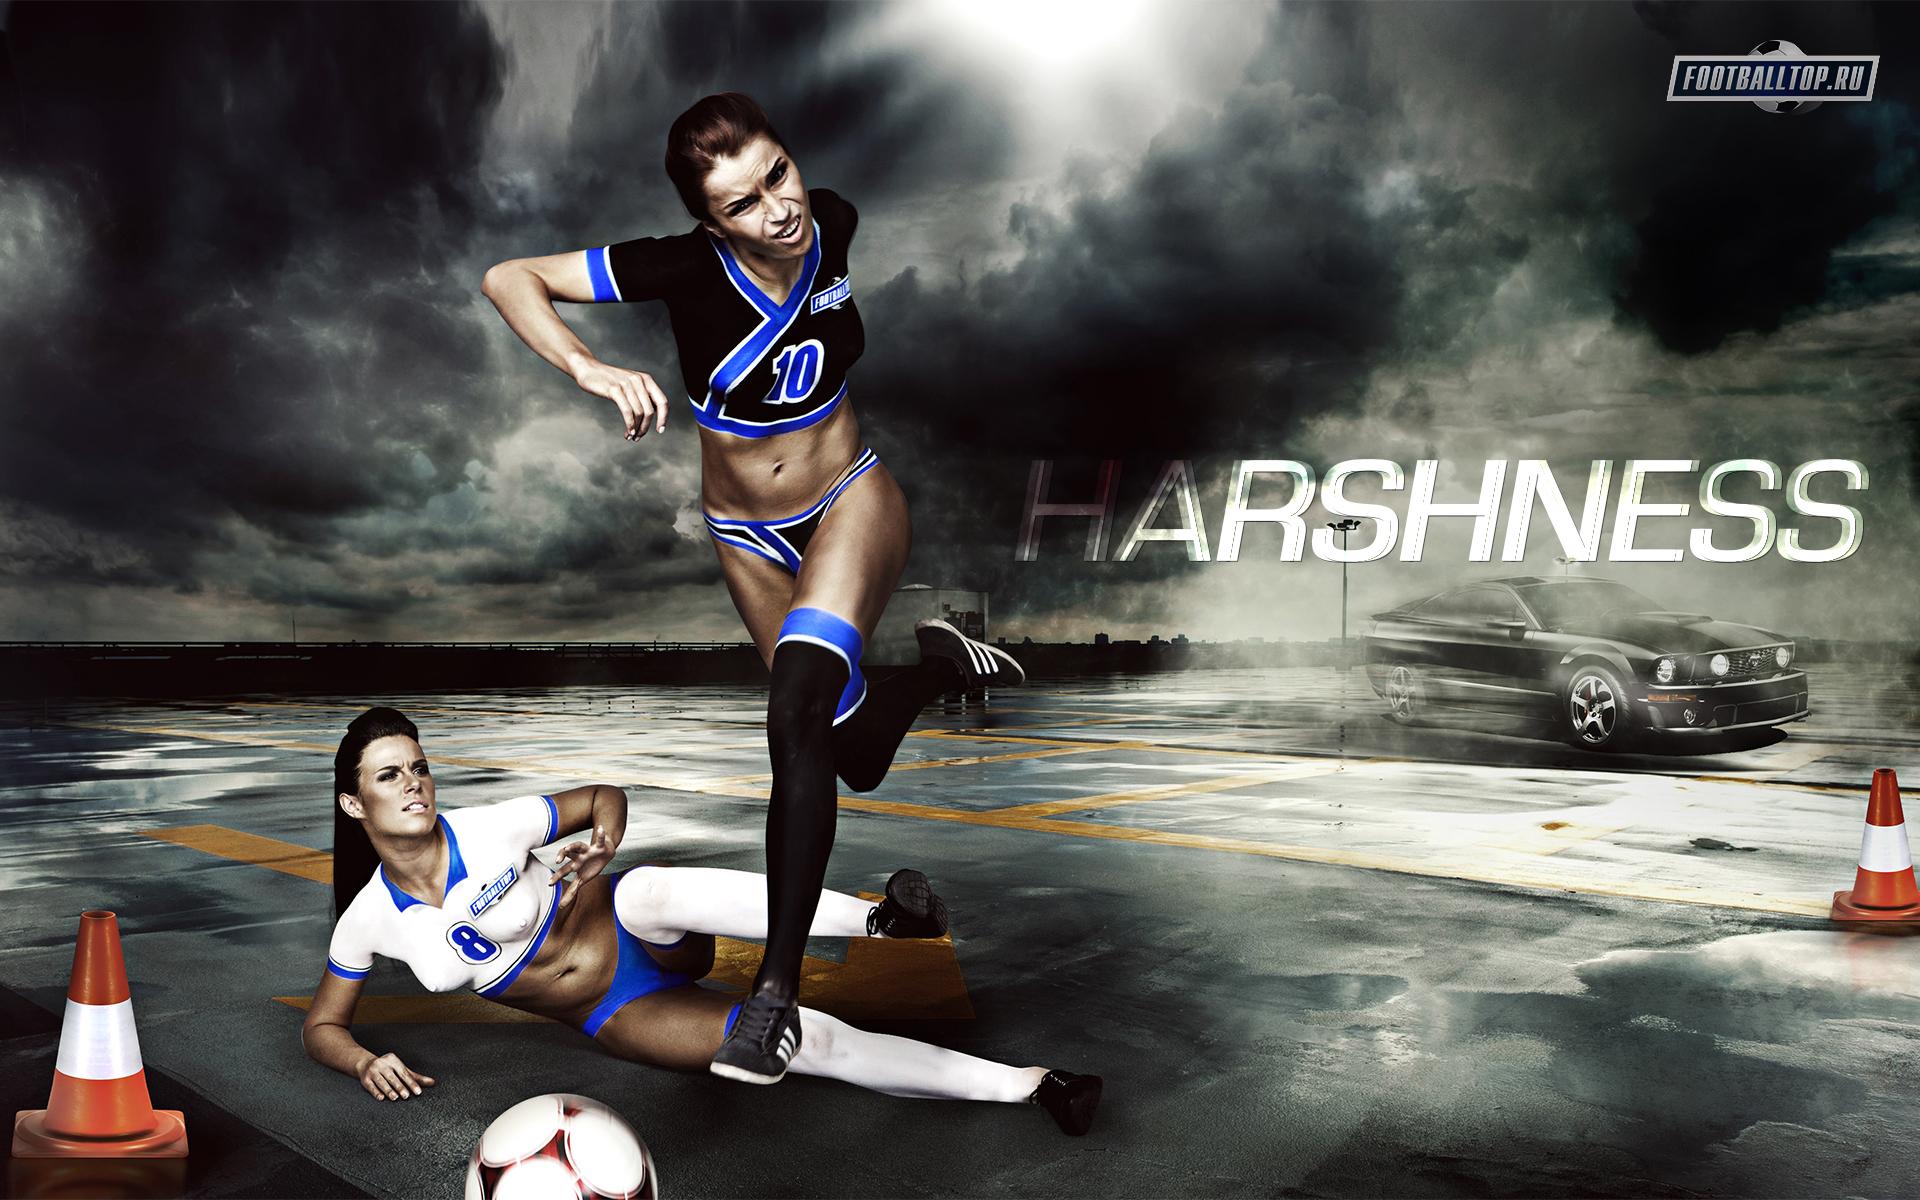 девушка спорт футбол скачать